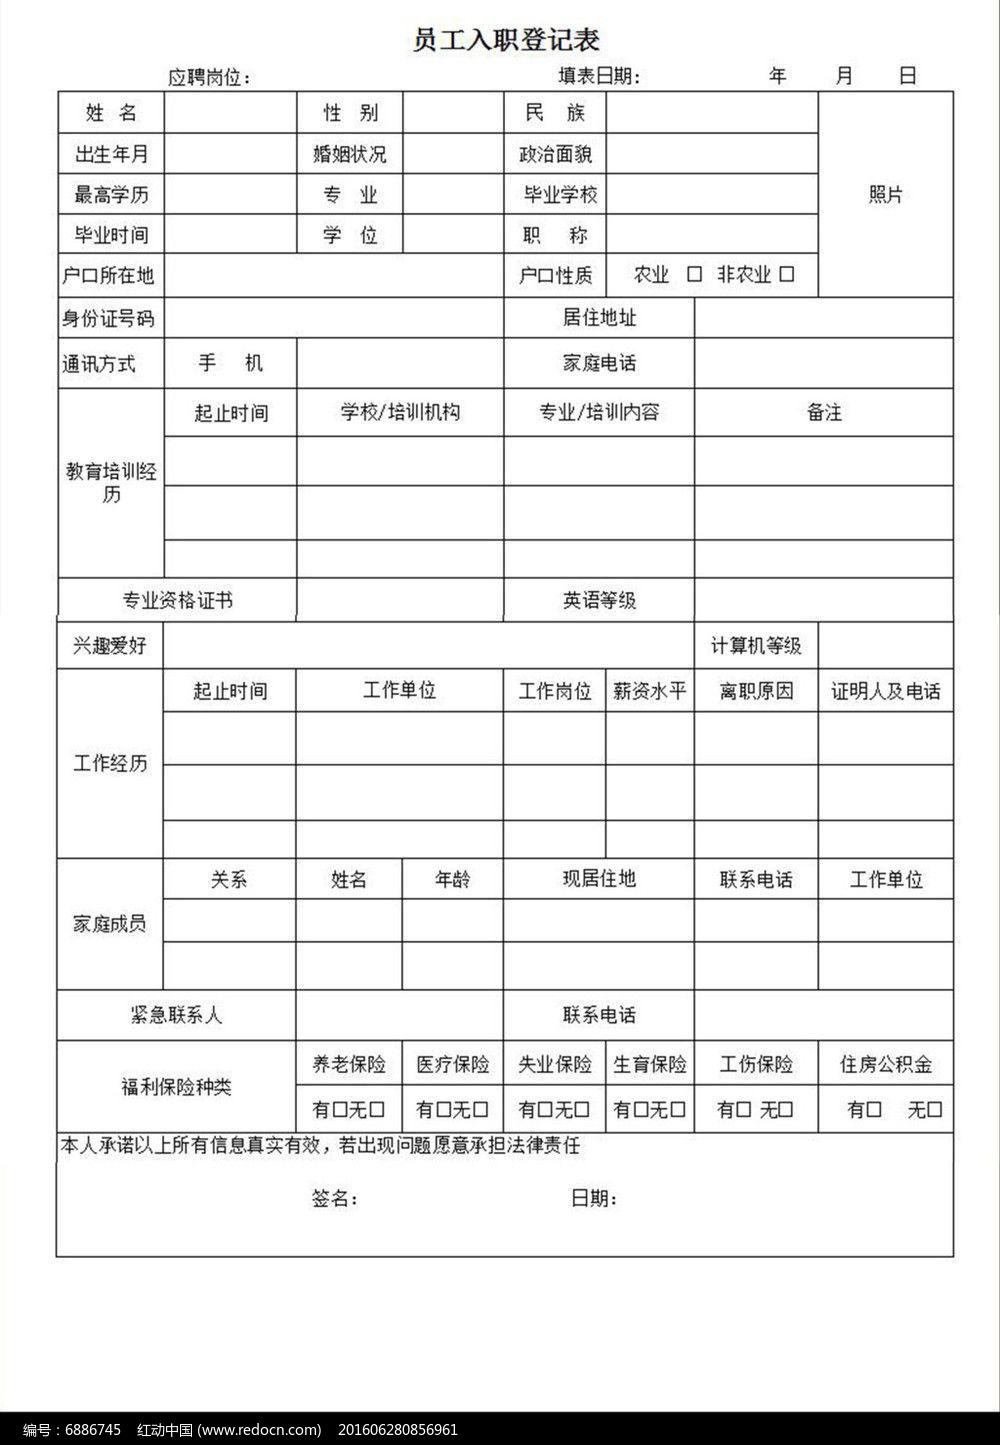 入职登记表excelJPG素材下载 其它设计图片